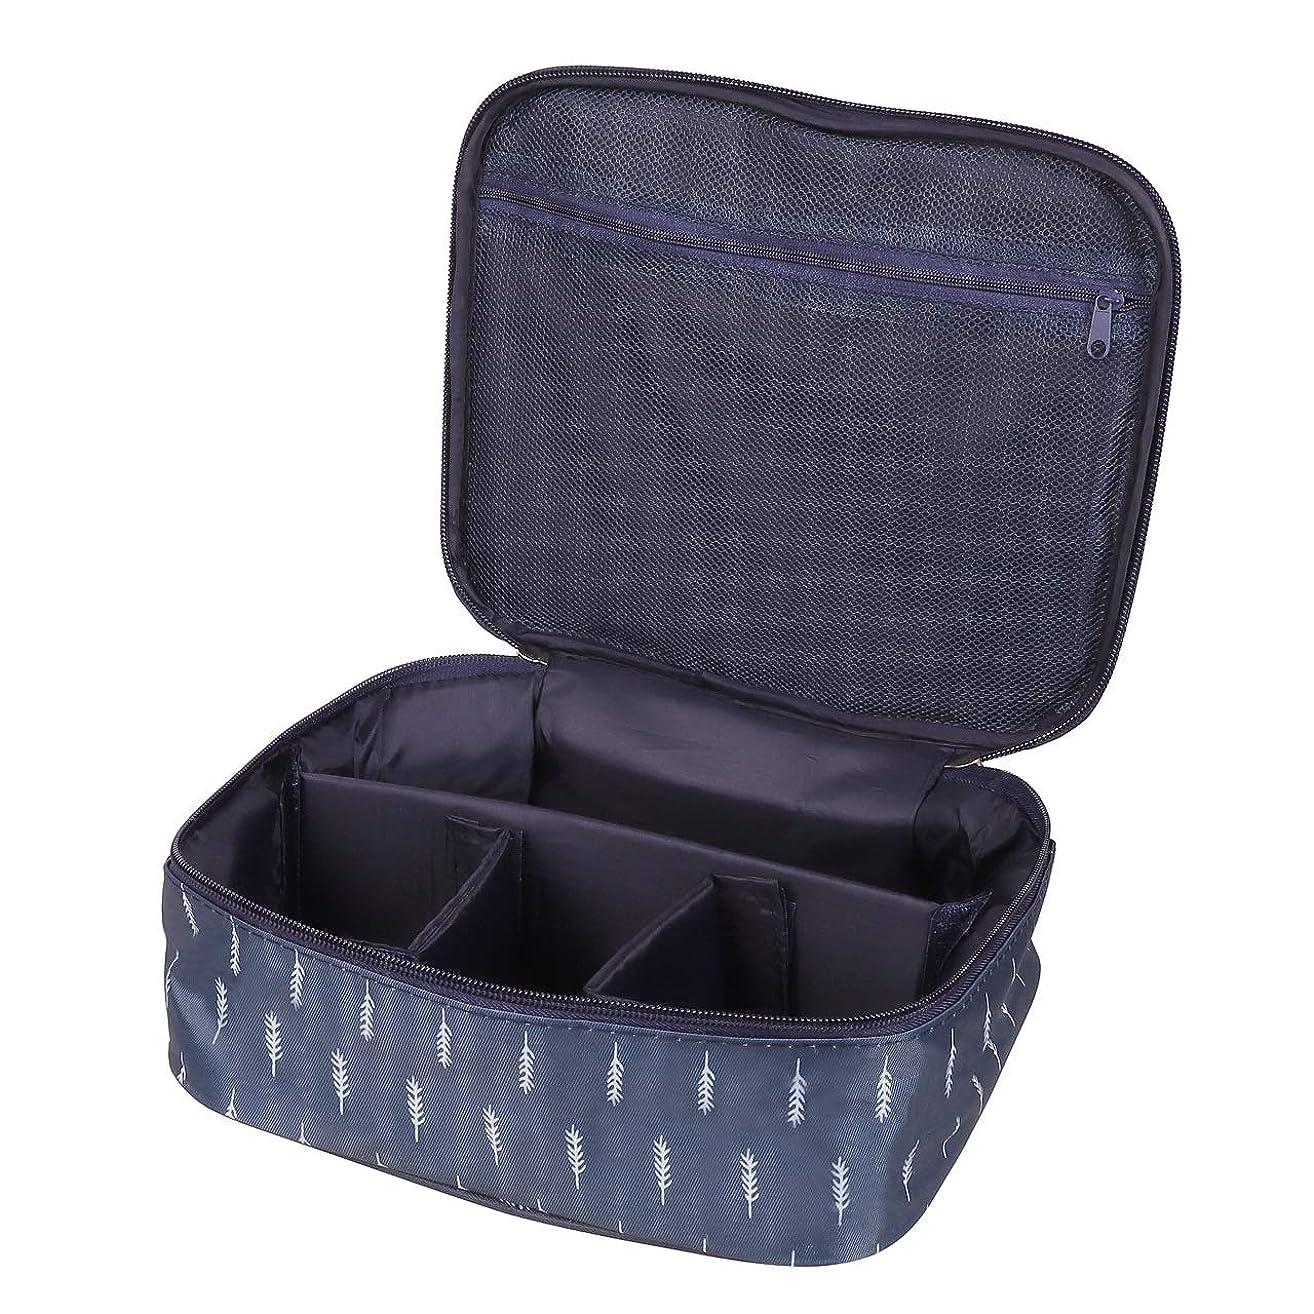 推定甘味フルート[CAWKAY] メイクボックス 旅行用化粧ケース コスメ バッグ ボックス トラベル化粧ポーチ メイクブラシ 小物入れ 収納